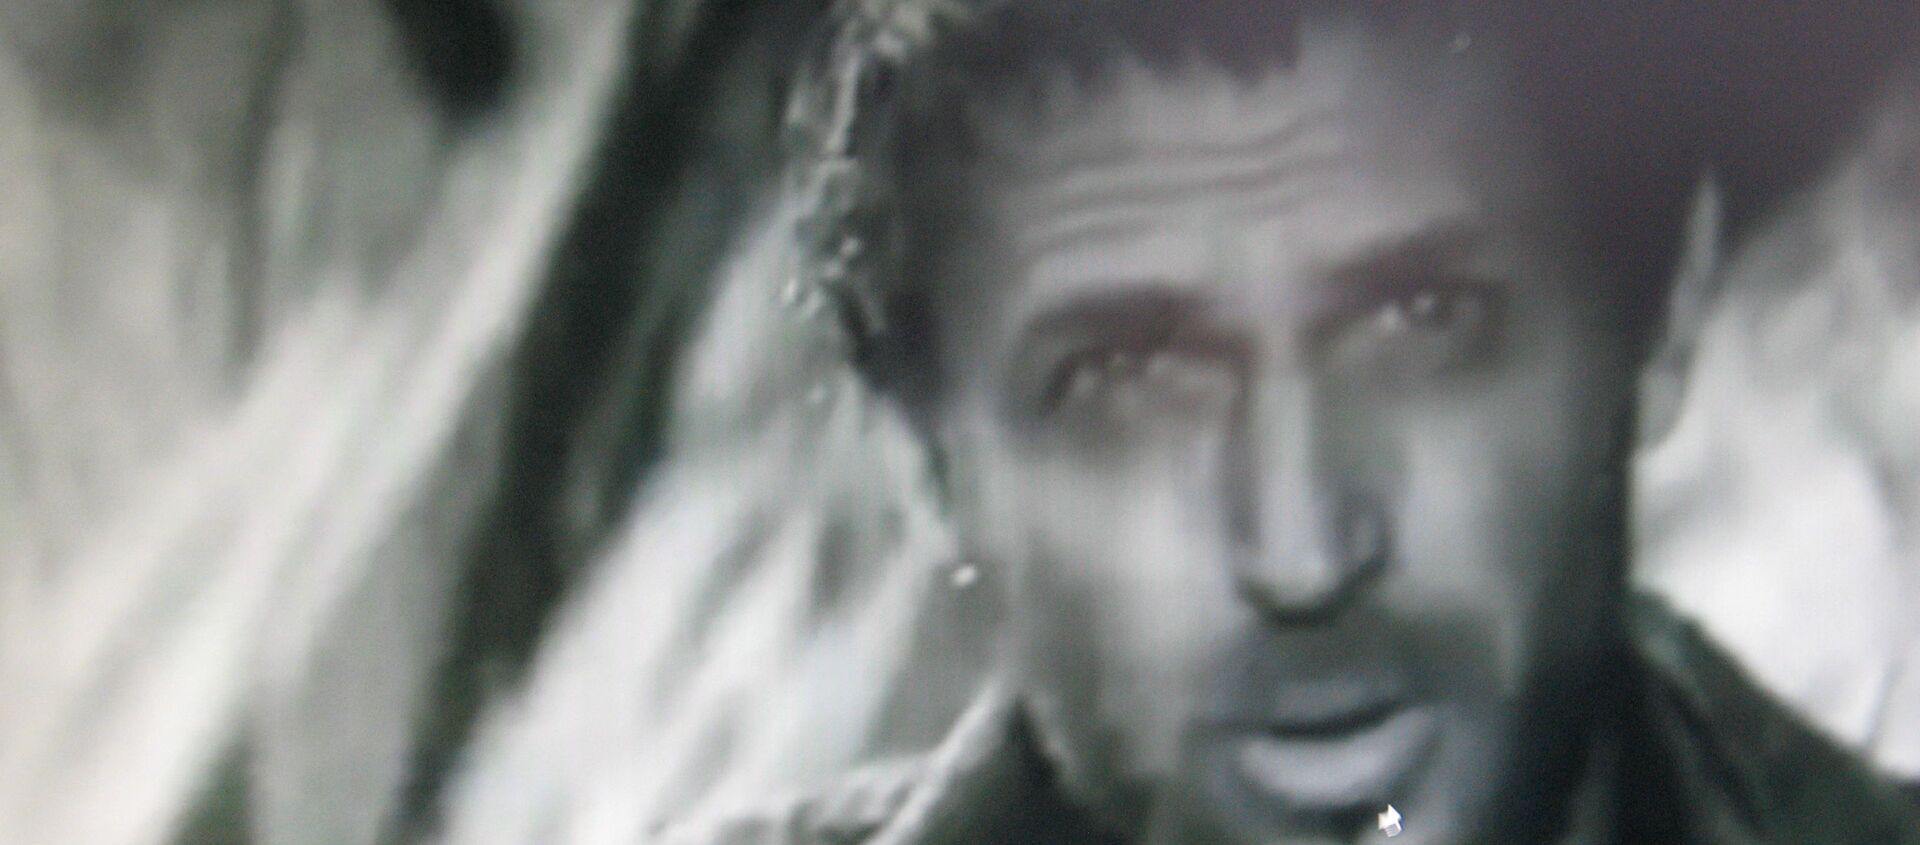 Кадр з фільму Альпійская балада - Sputnik Беларусь, 1920, 23.04.2015